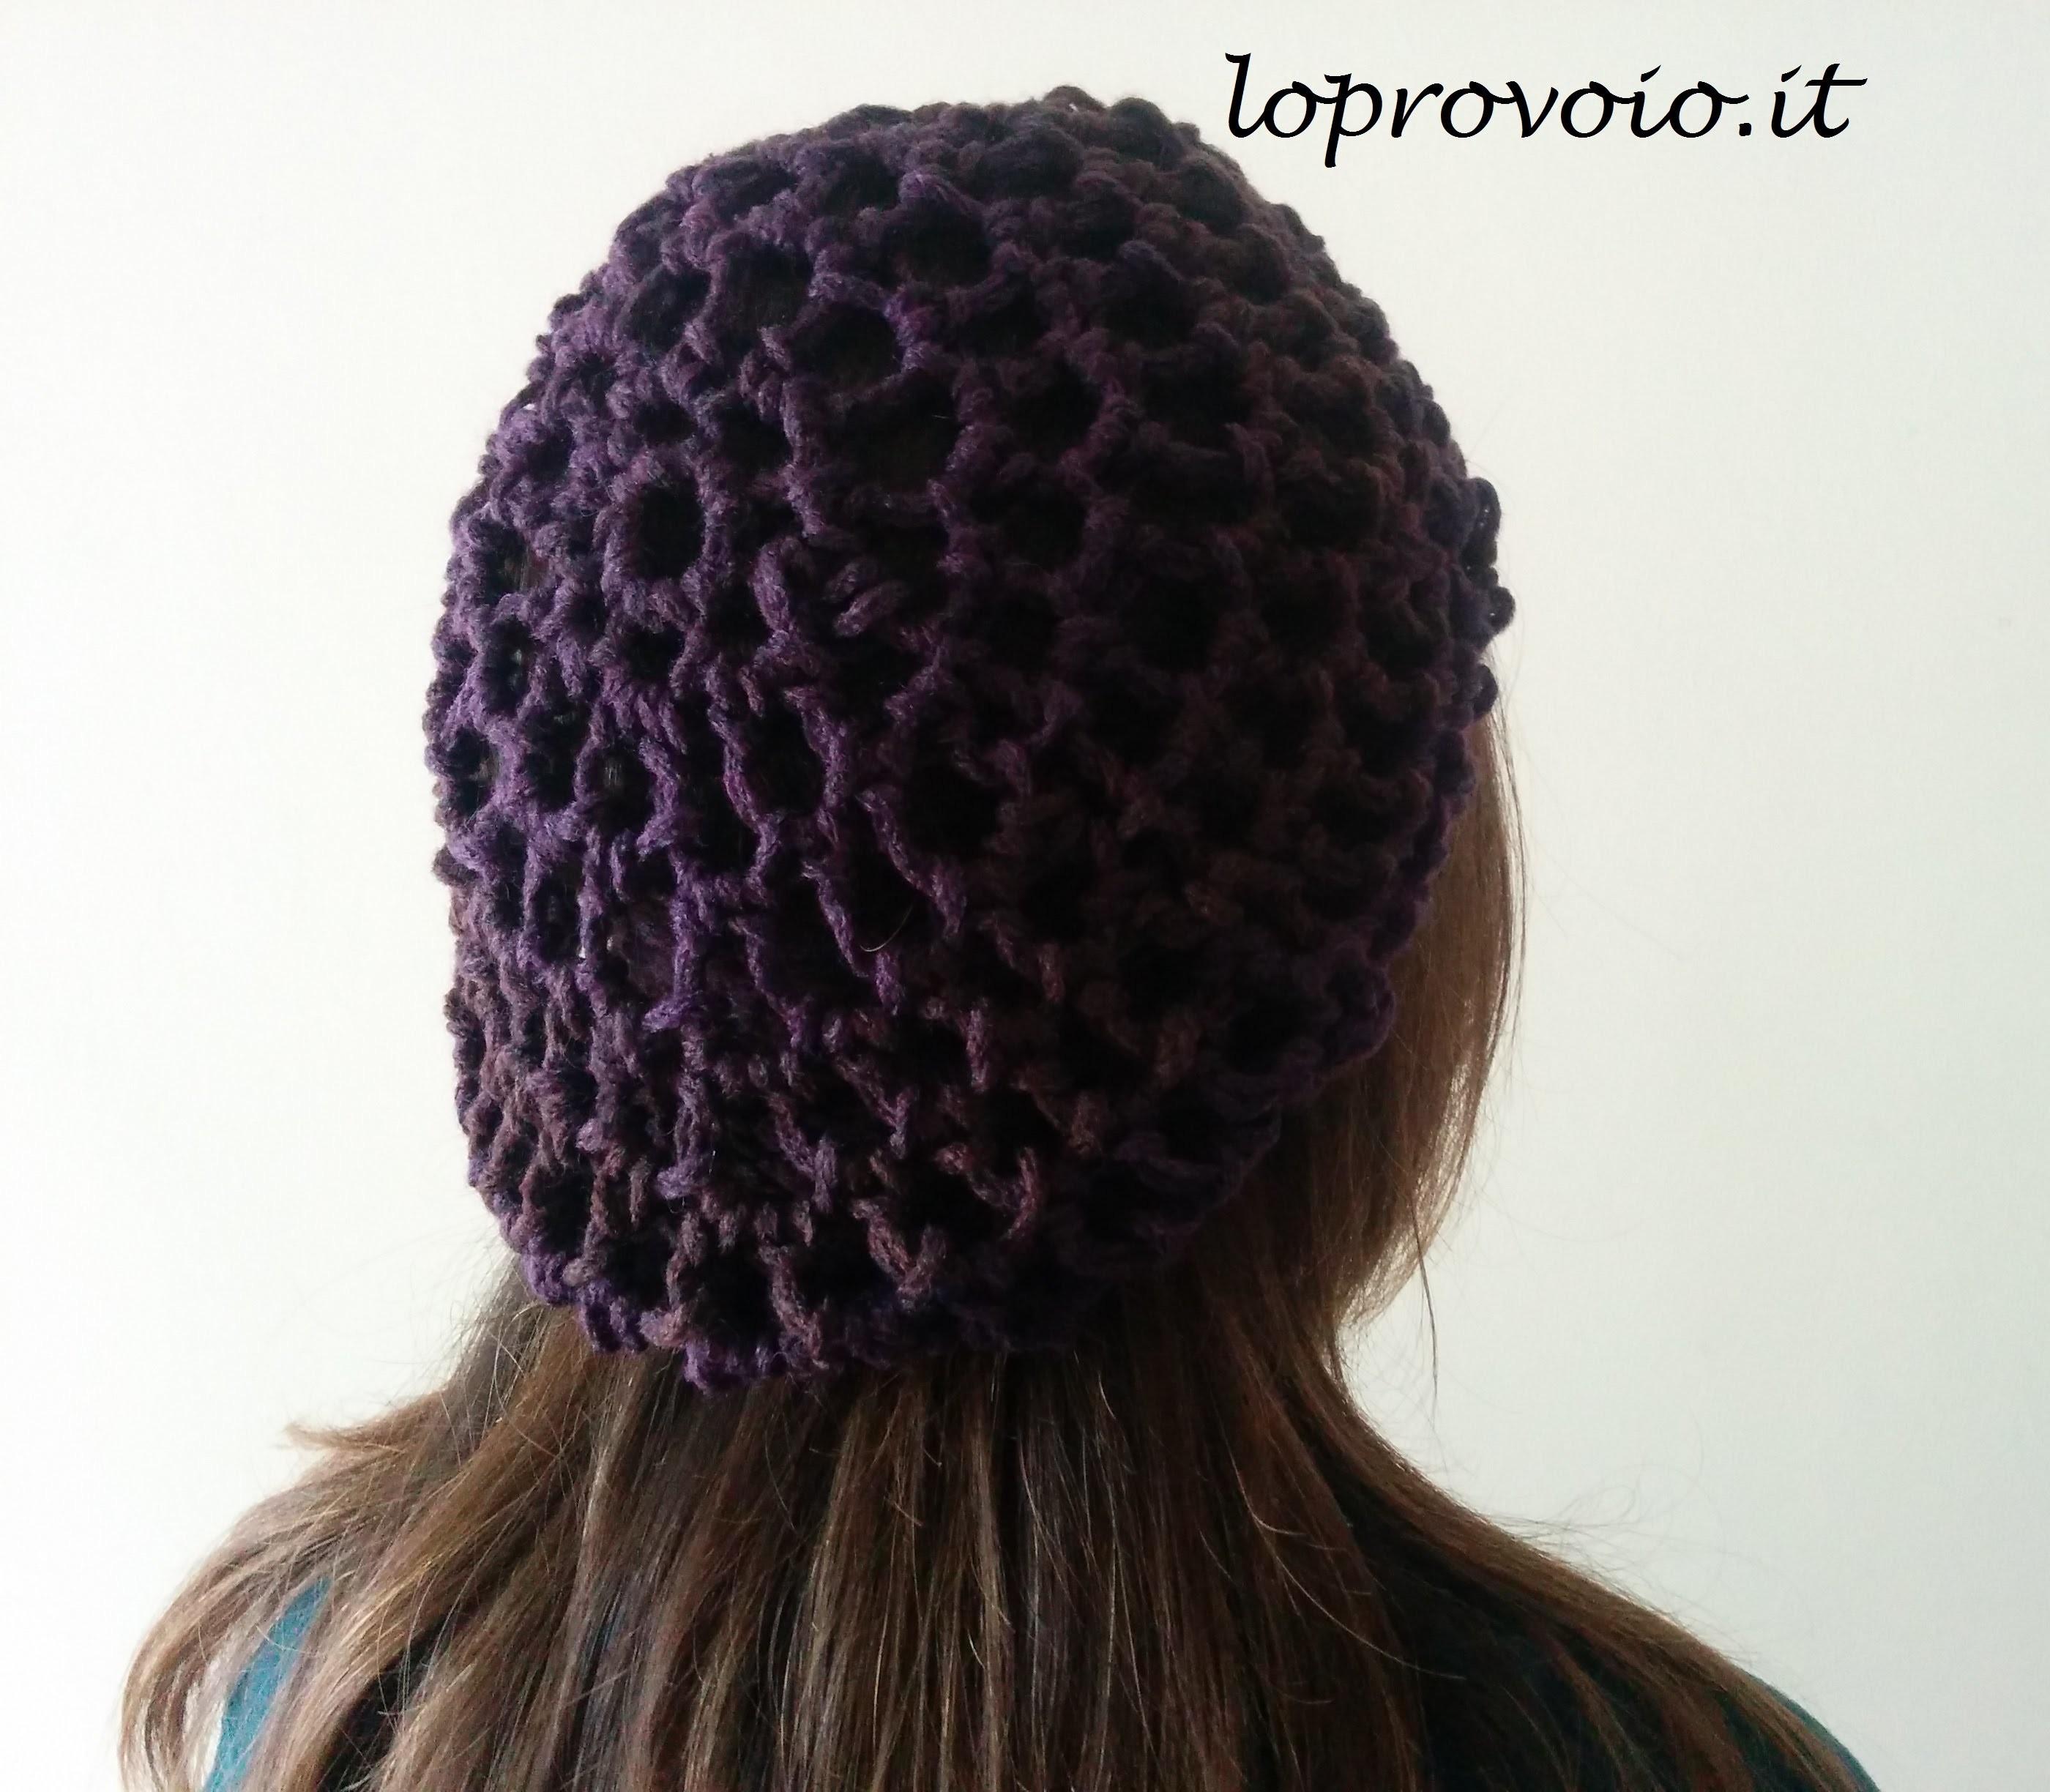 Baschetto al finger crochet! Hat finger crochet!